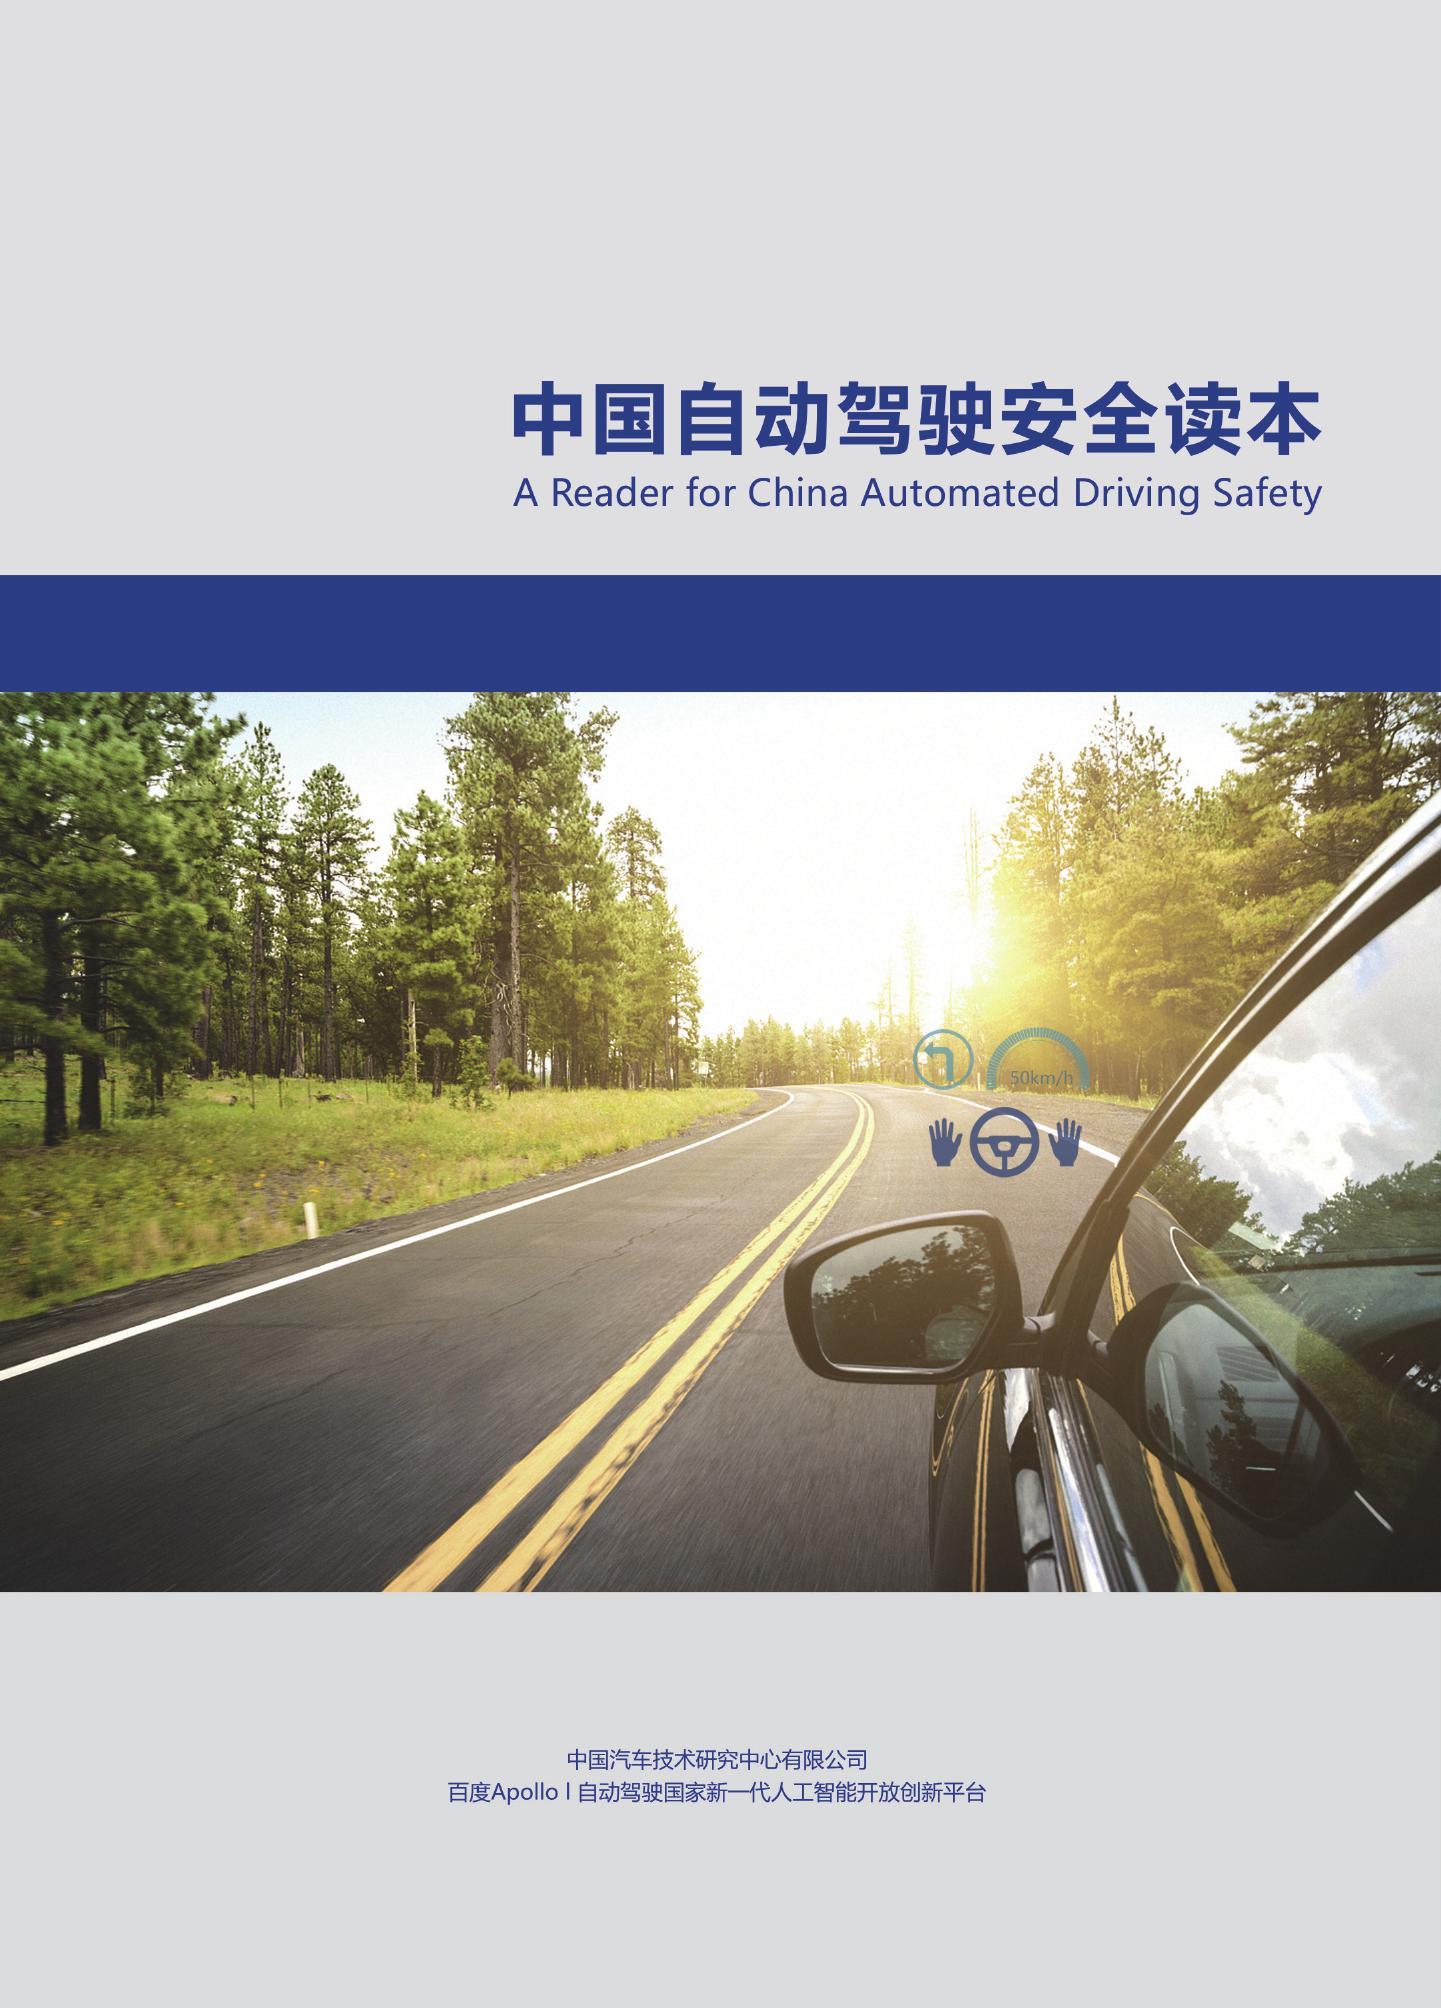 中国汽车技术研究中心:中国自动驾驶安全读本(附下载)